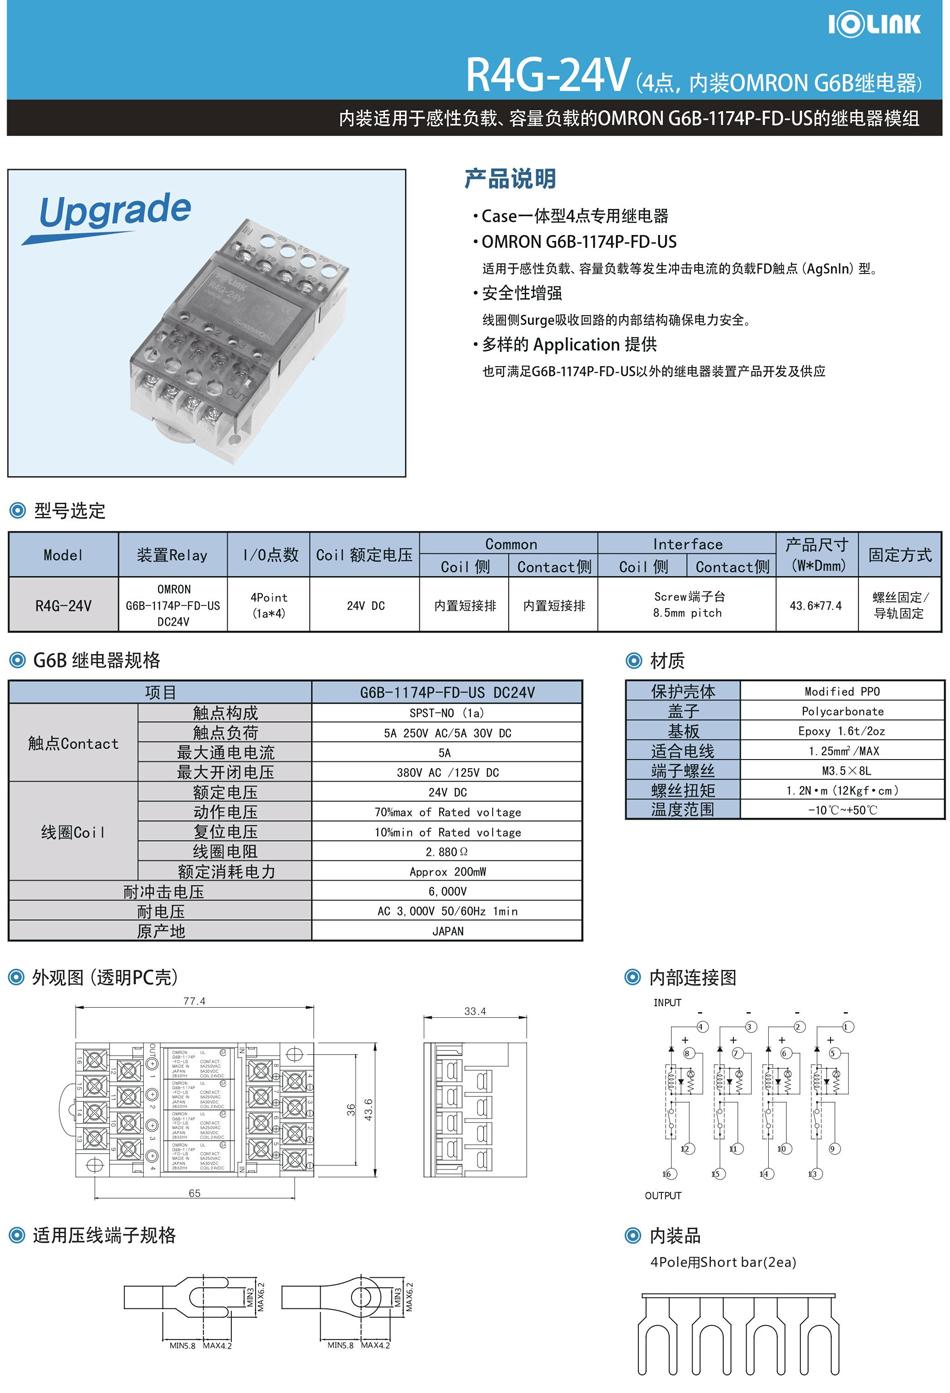 韩国三元SAMWON ACT IOLINK公司成立于1999年,是一家专业从事FA布线领域的公司